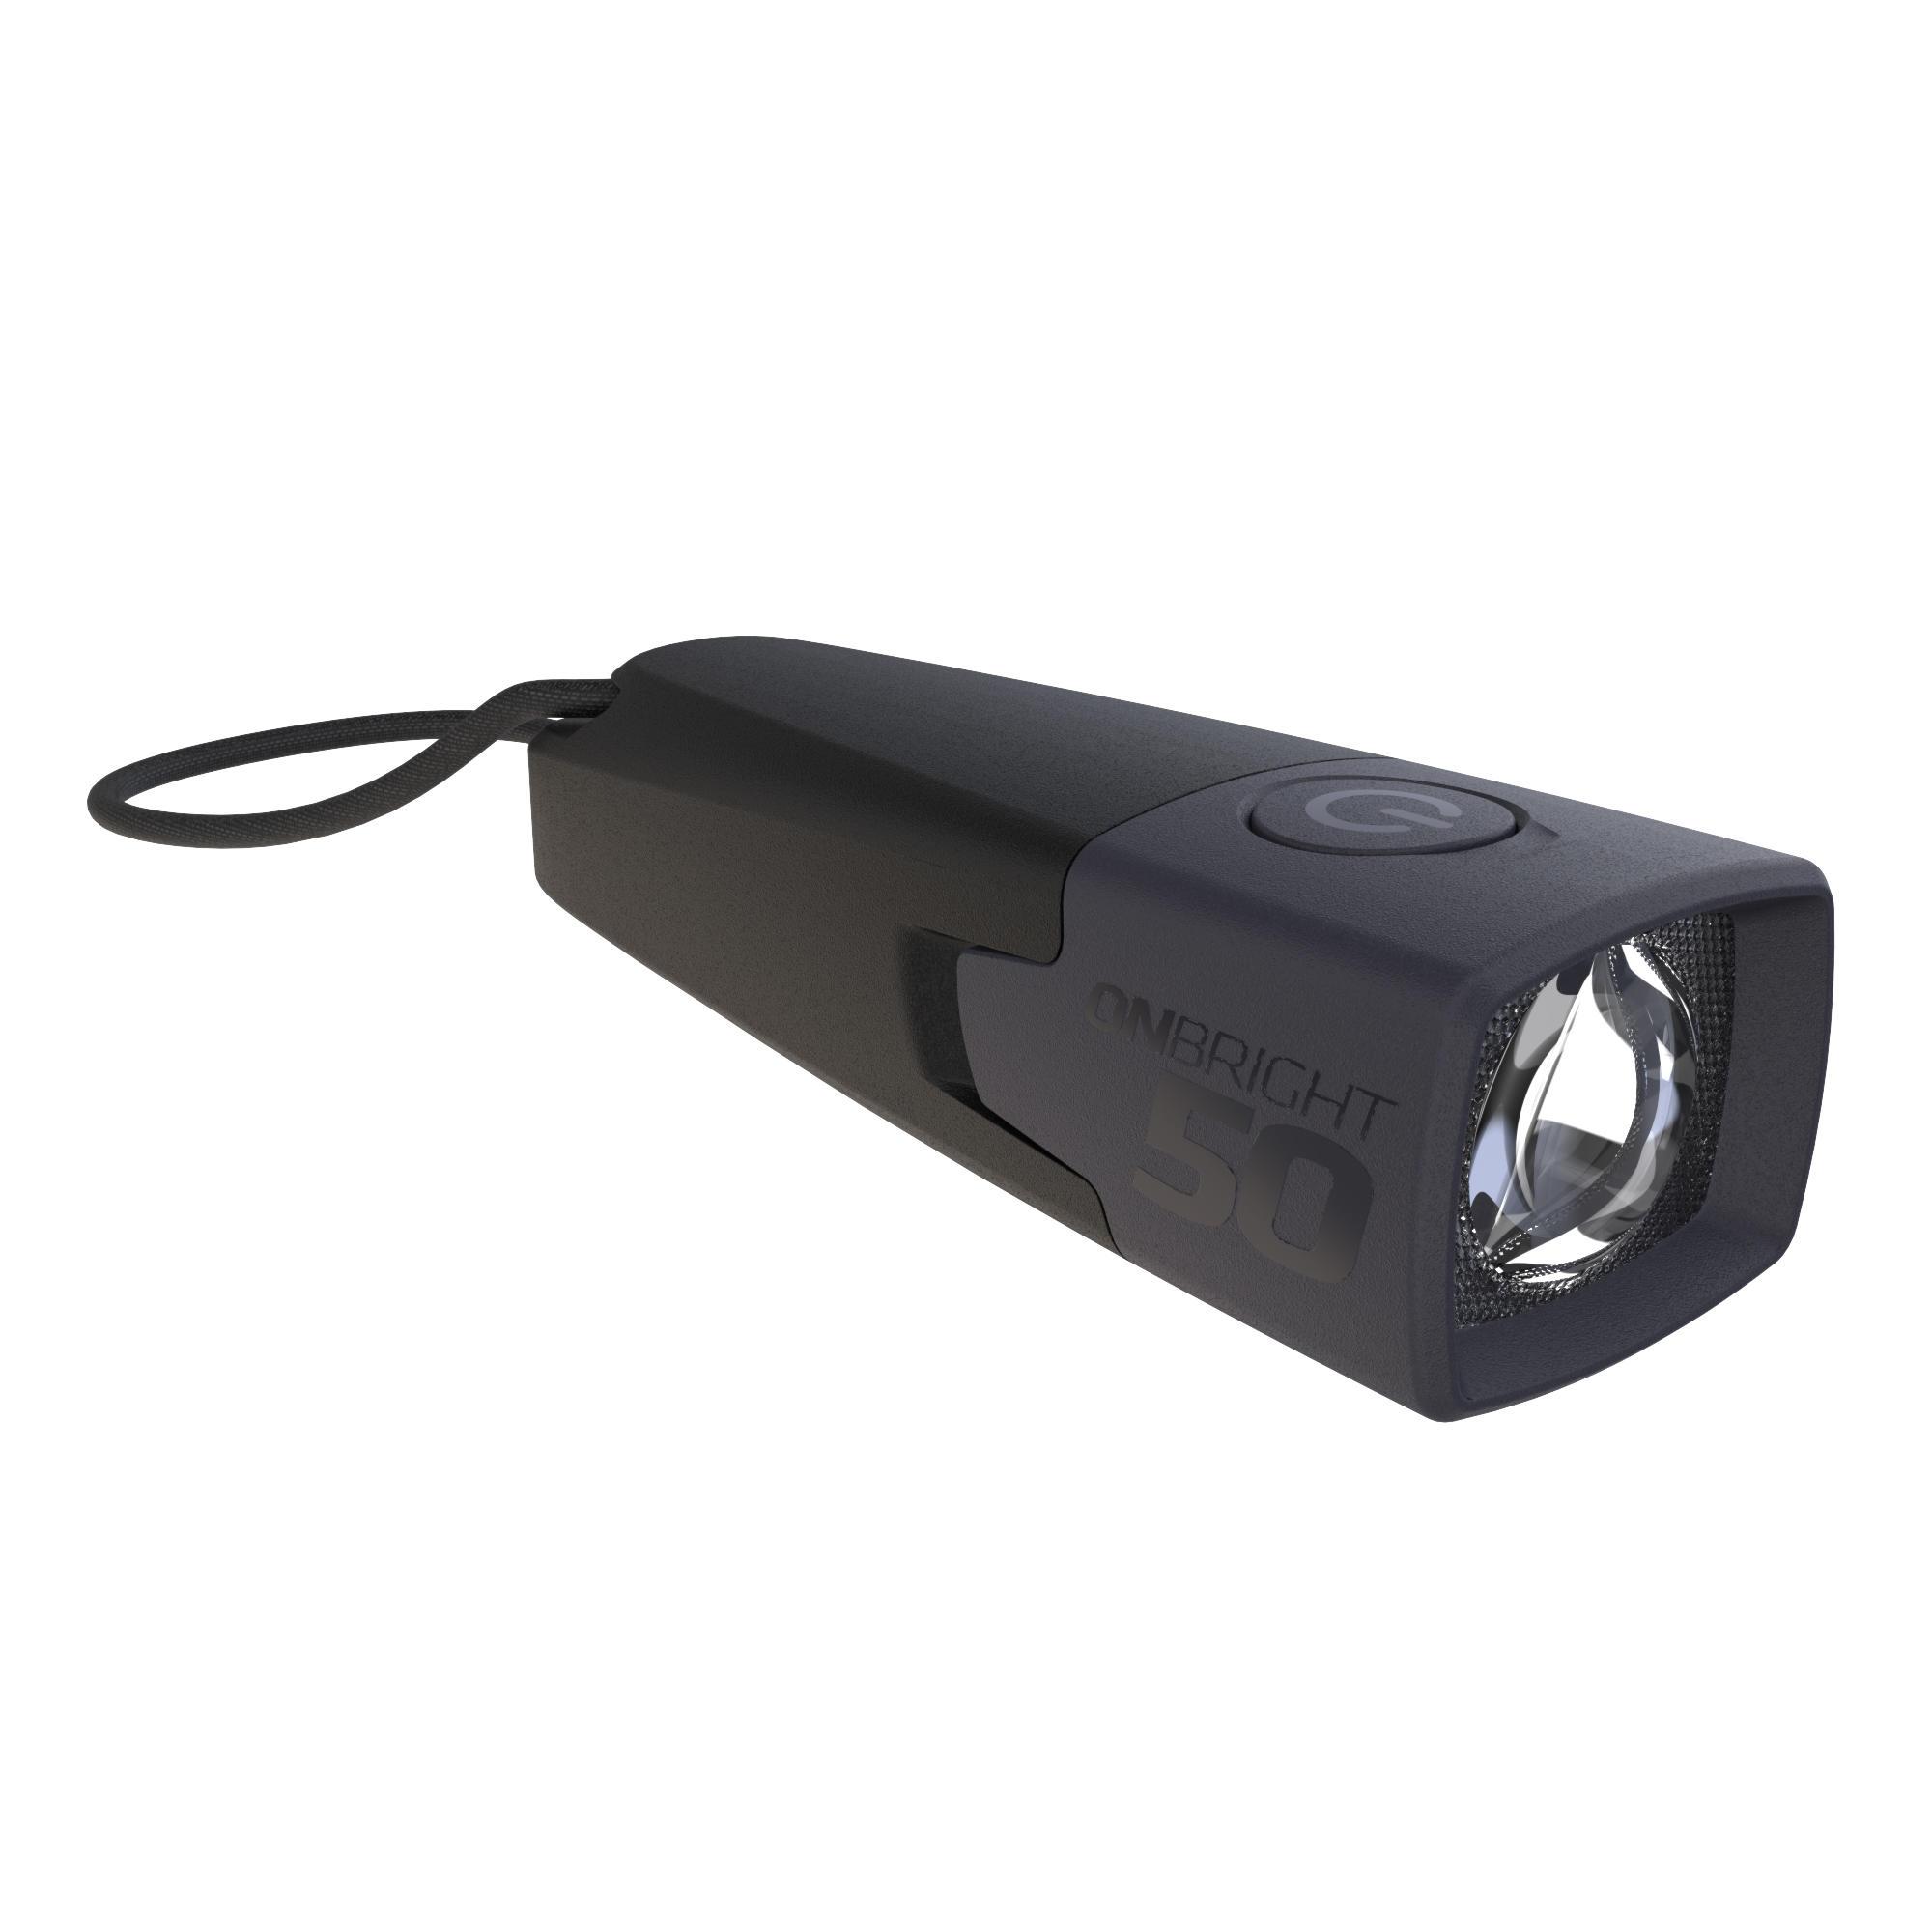 OnBright 50 Camping Flashlight - 10 Lumens - Black